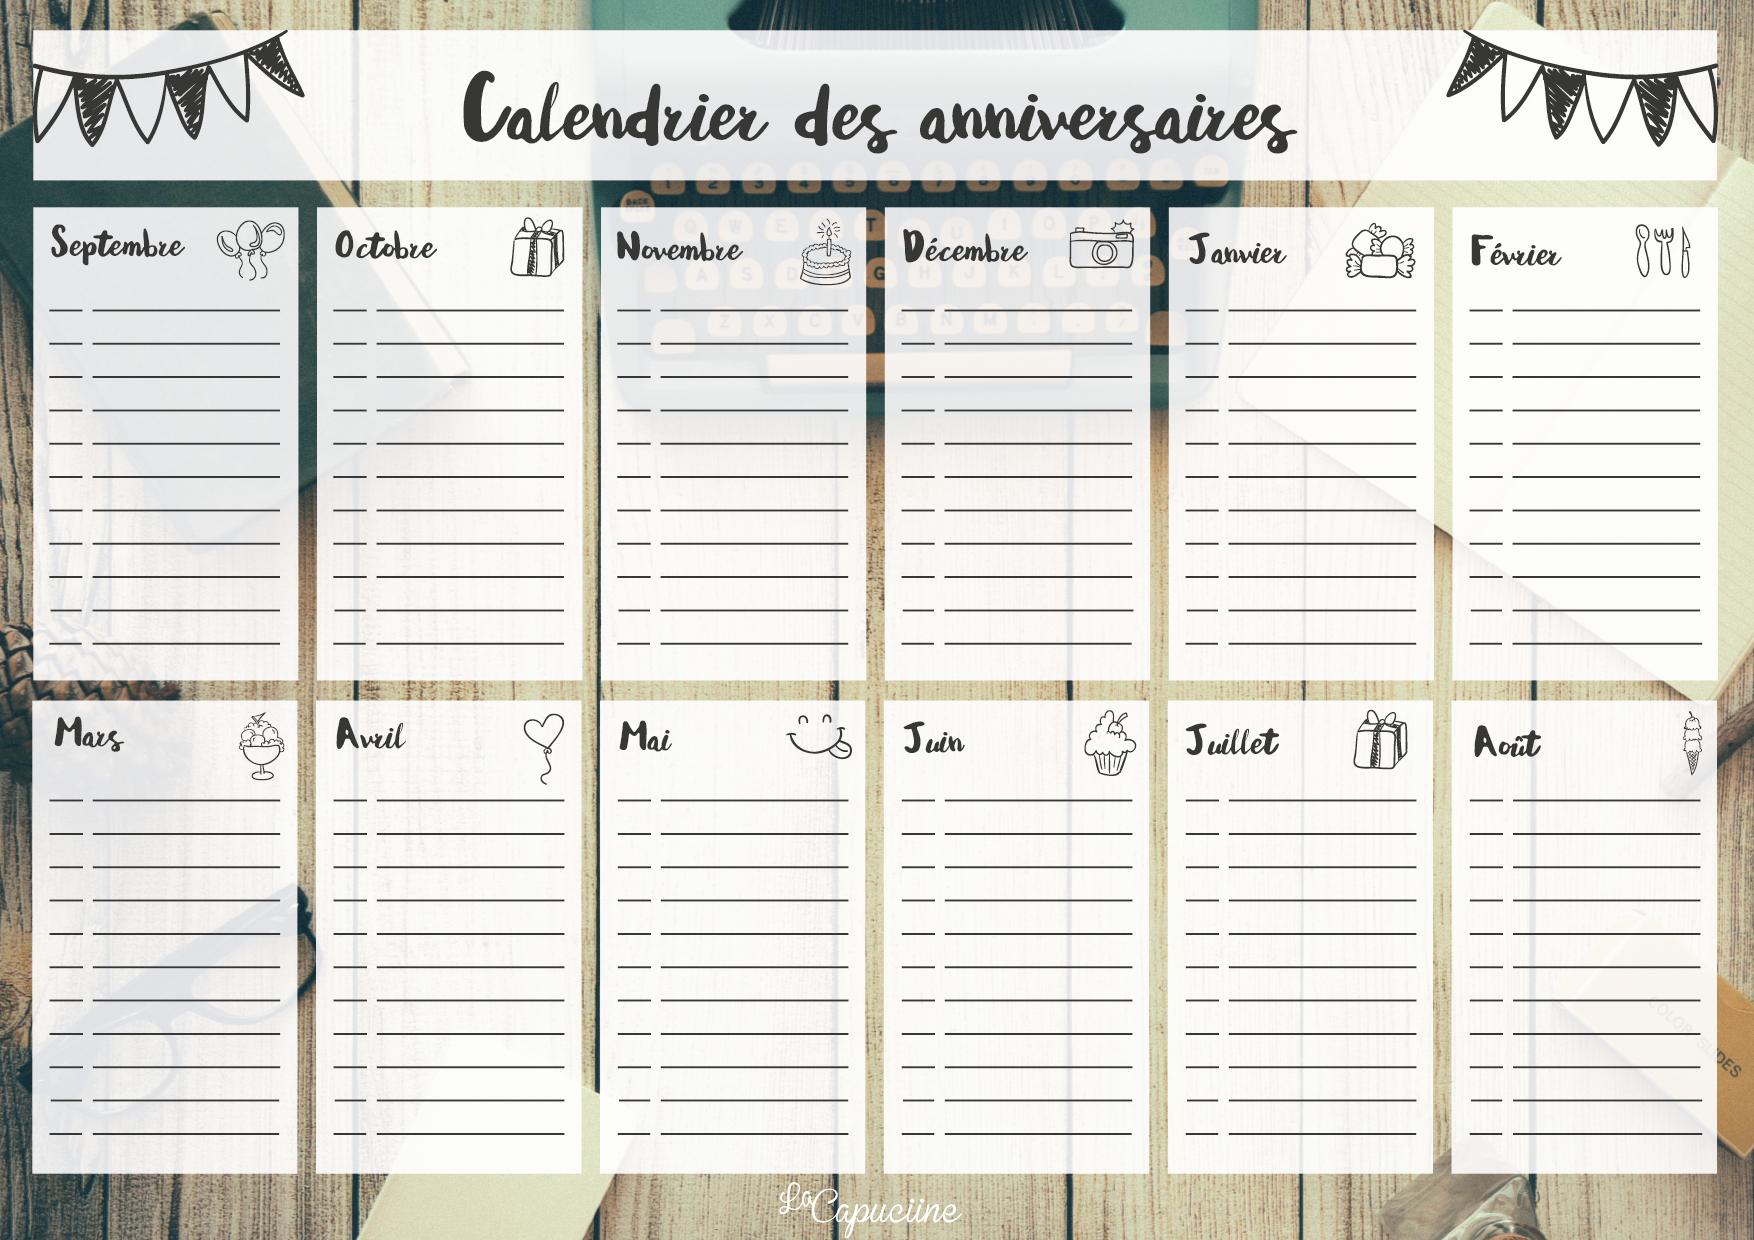 Épinglé Par Julie P Sur Organisation, Planning | Calendrier concernant Calendrier Anniversaire À Imprimer